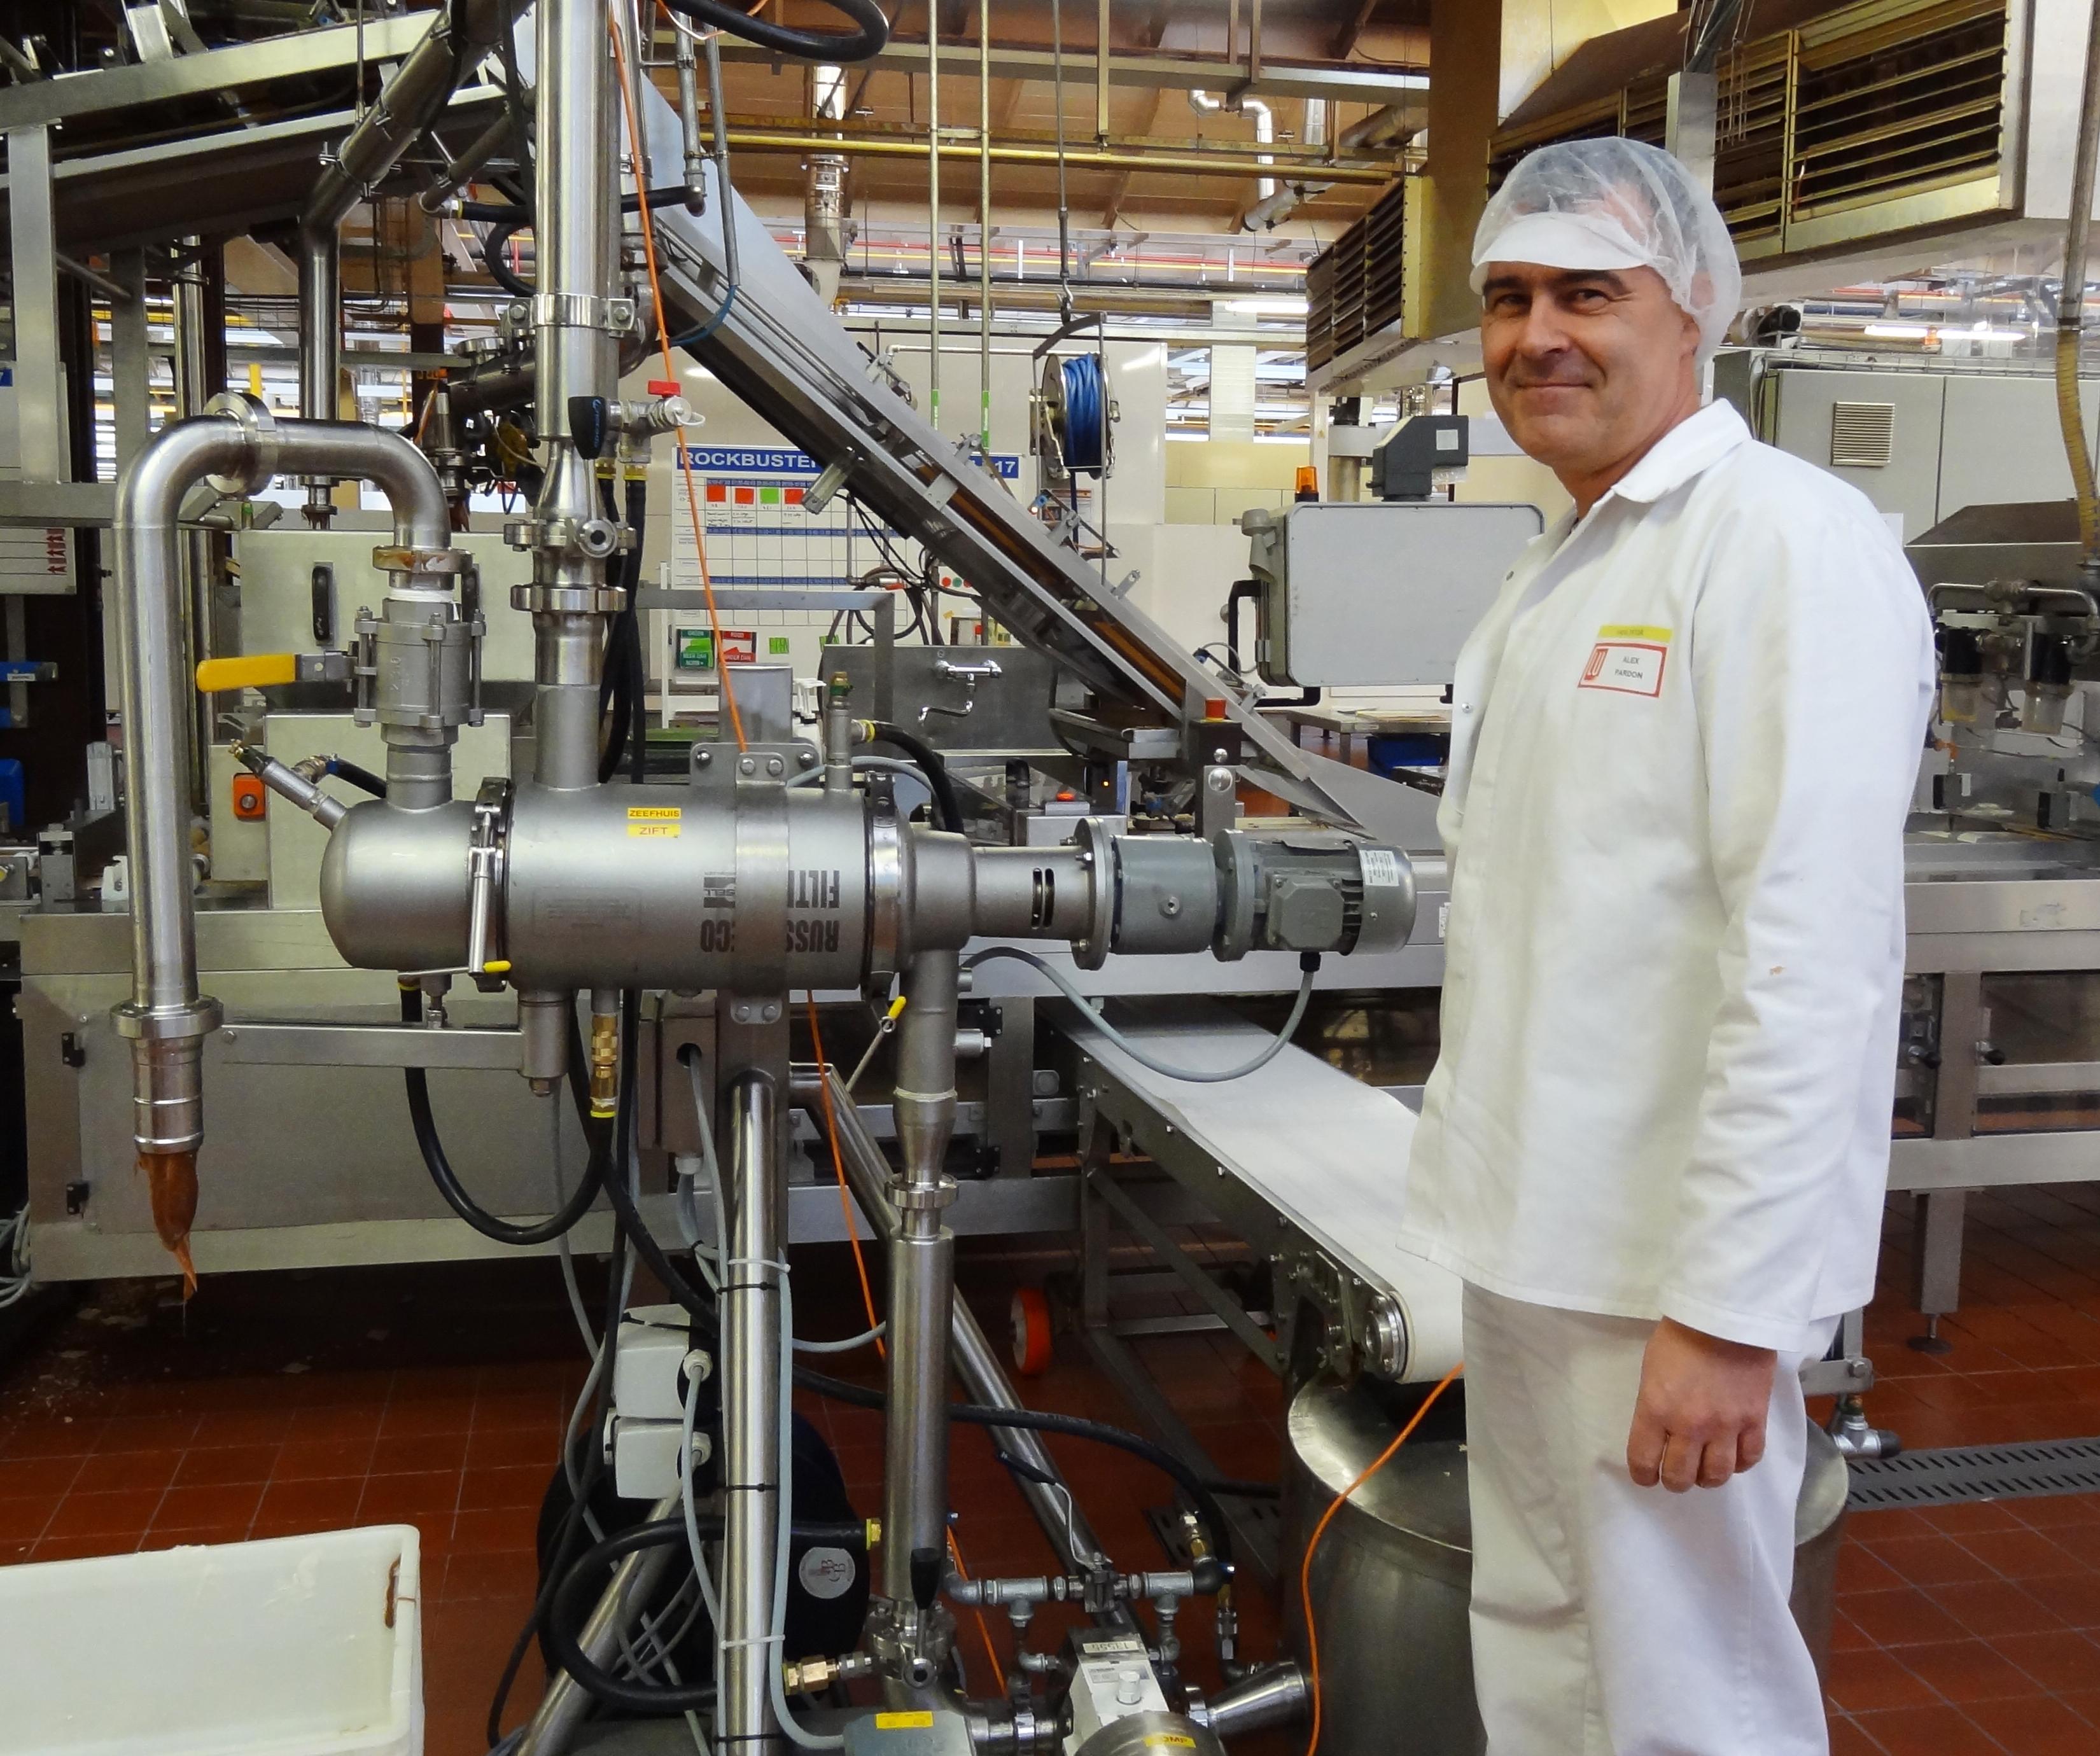 Samoczyszczący filtr liniowy w zakładzie produkcyjnym koncernu Mondelez